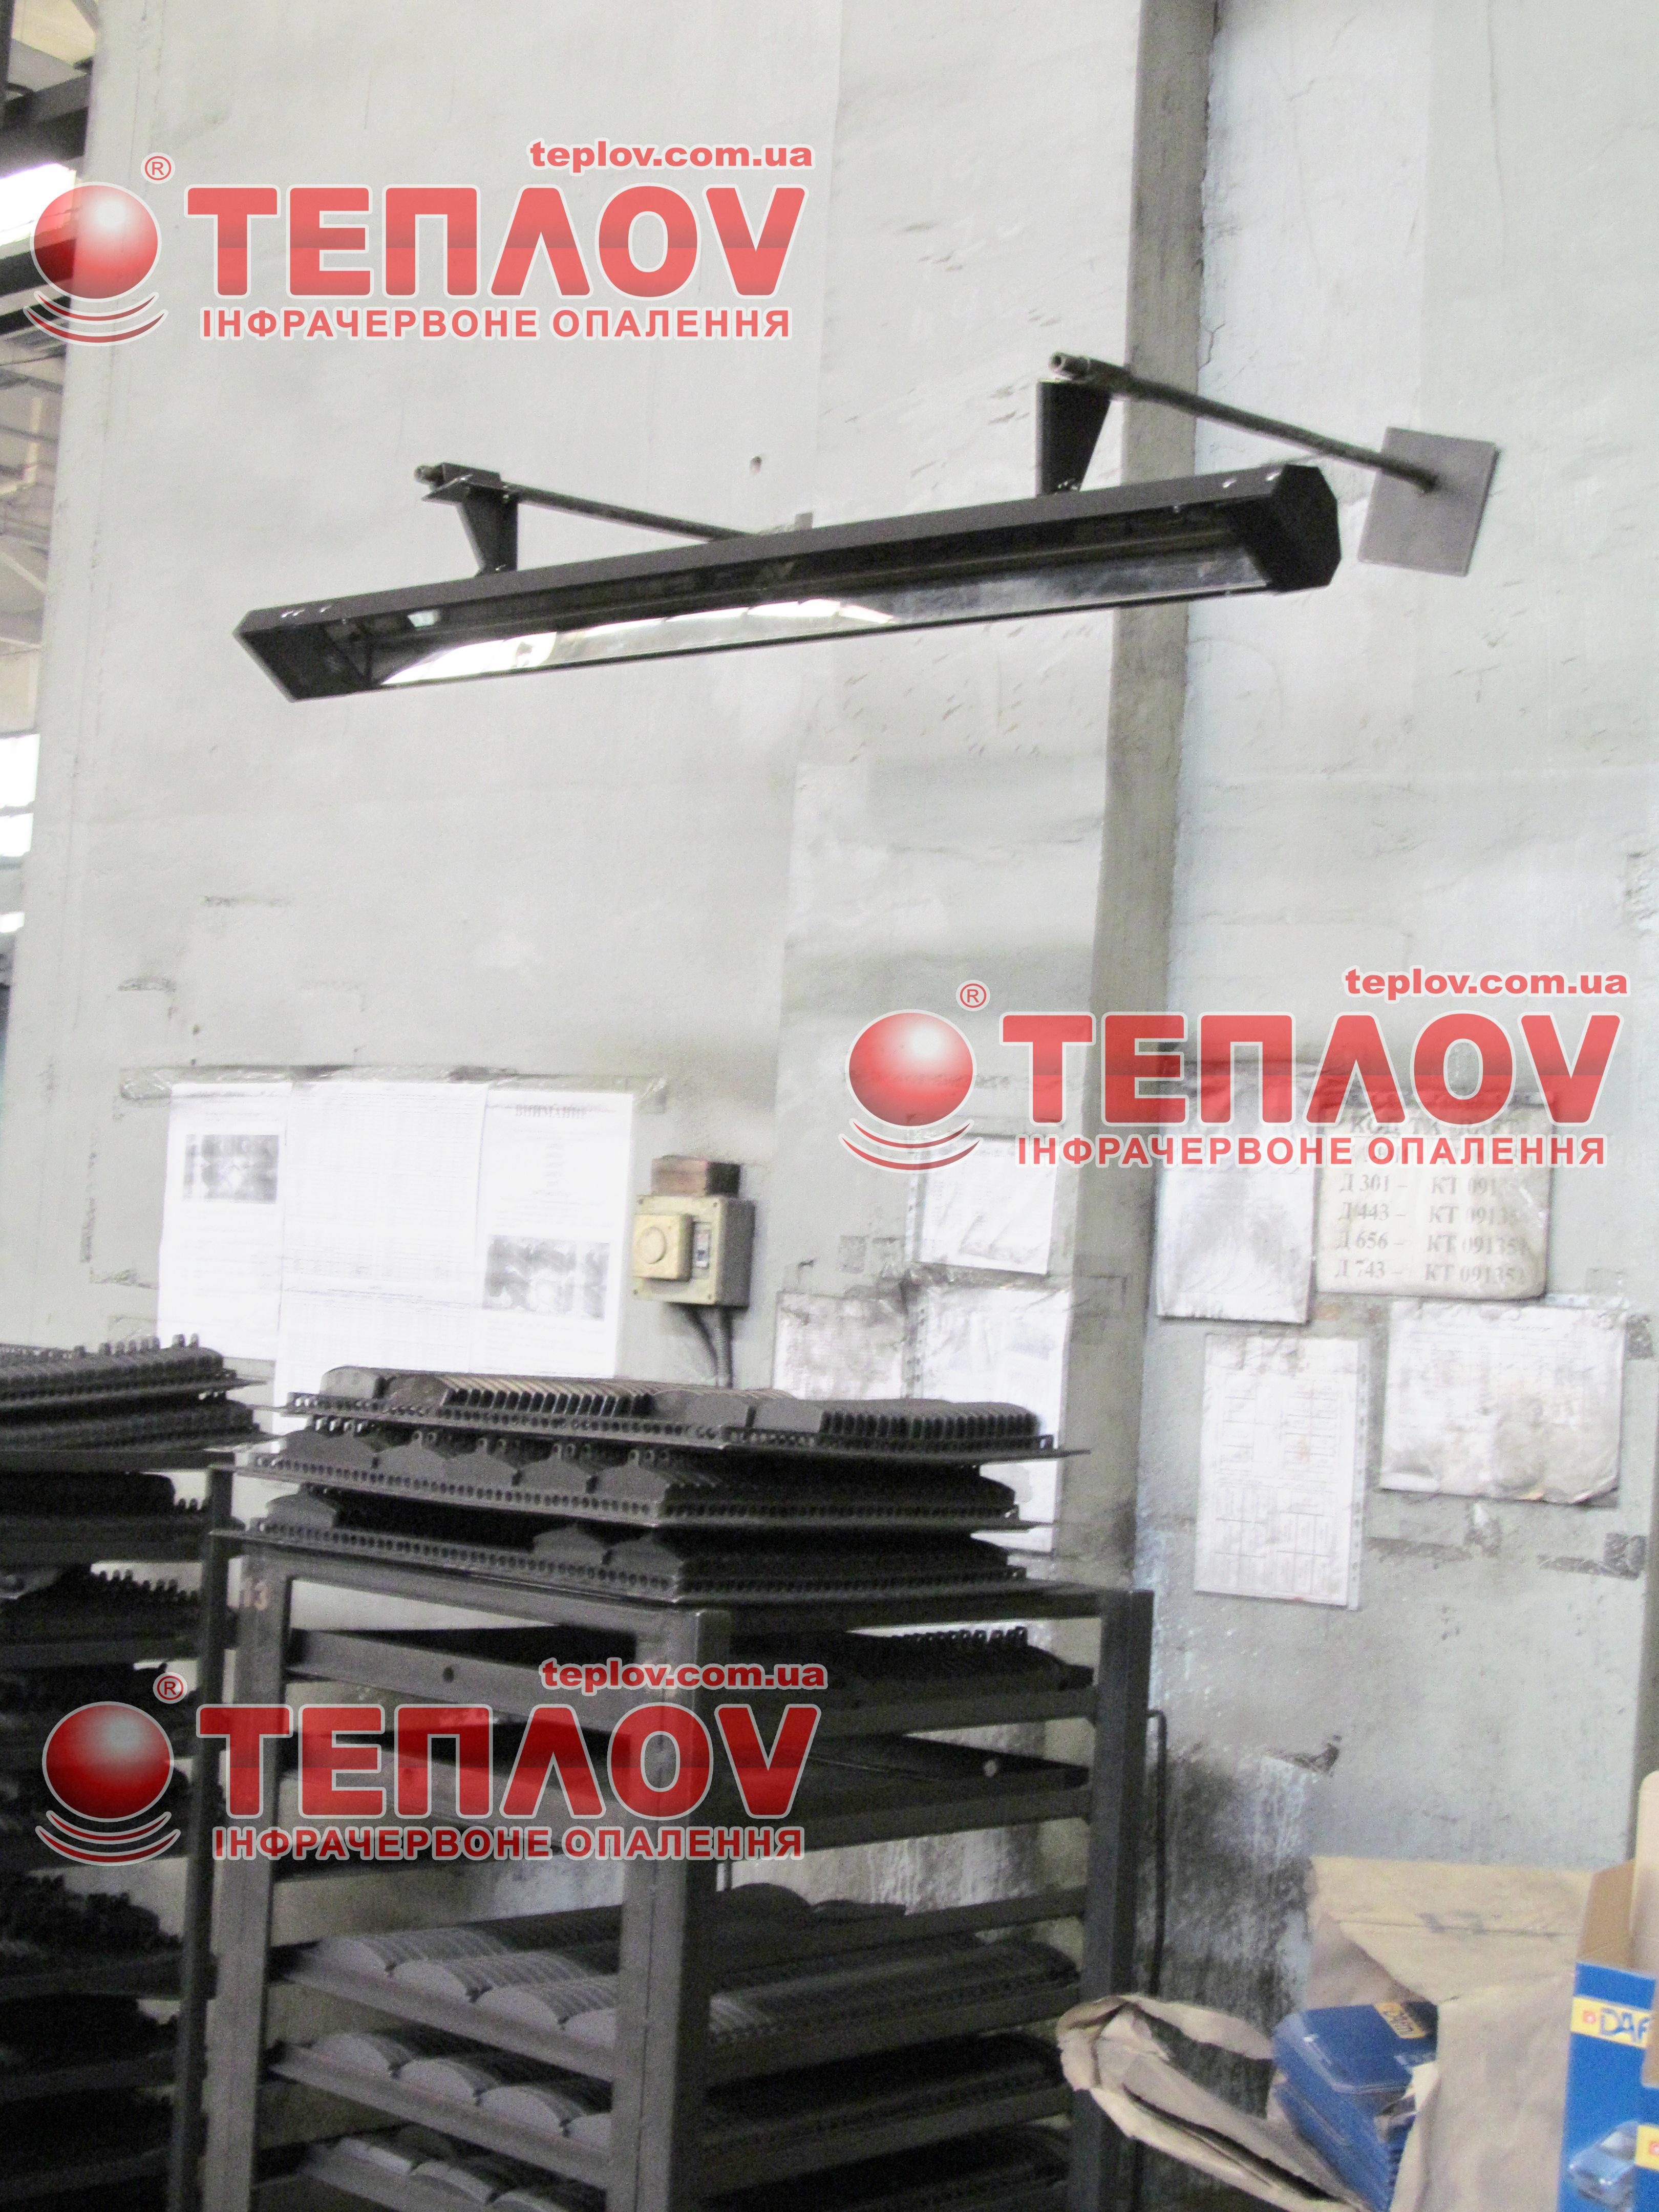 Для технологического нагрева продукции применяется обогреватель У1500